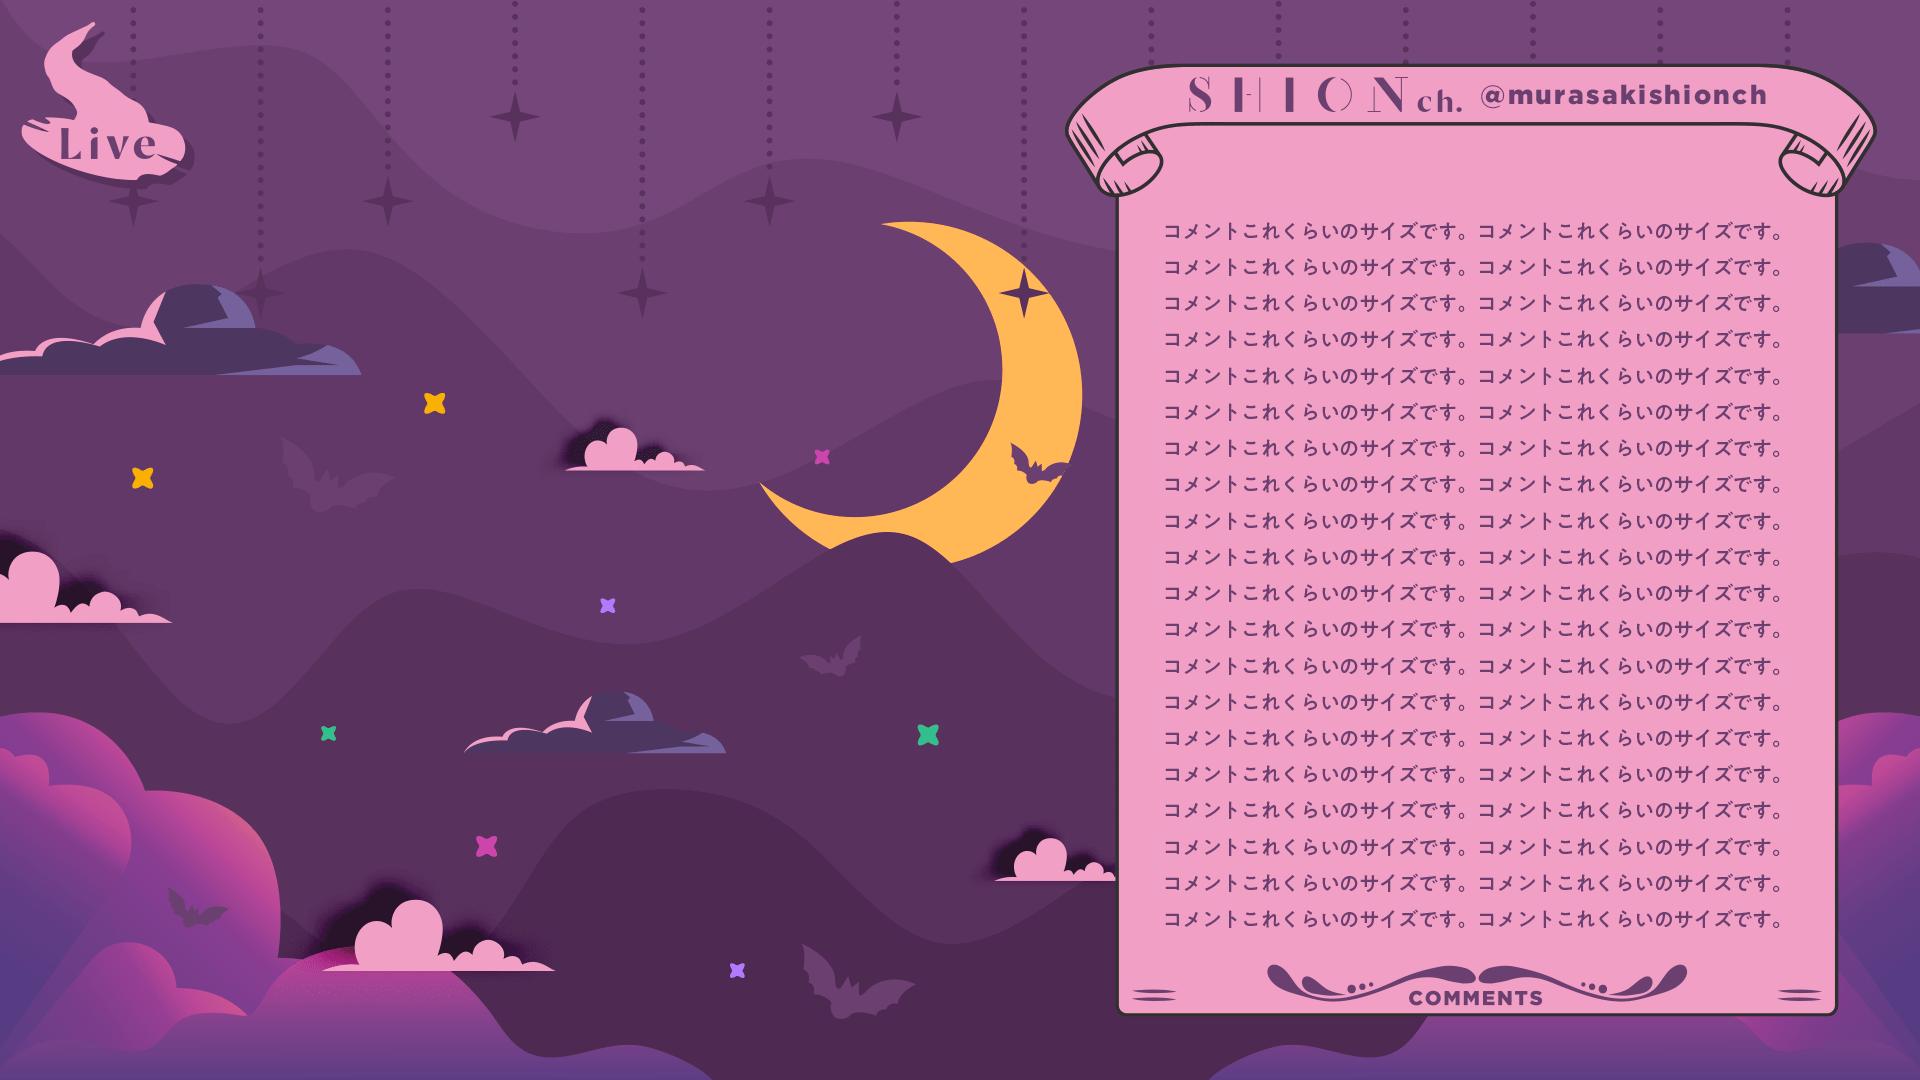 紫咲シオン/配信背景デザイン